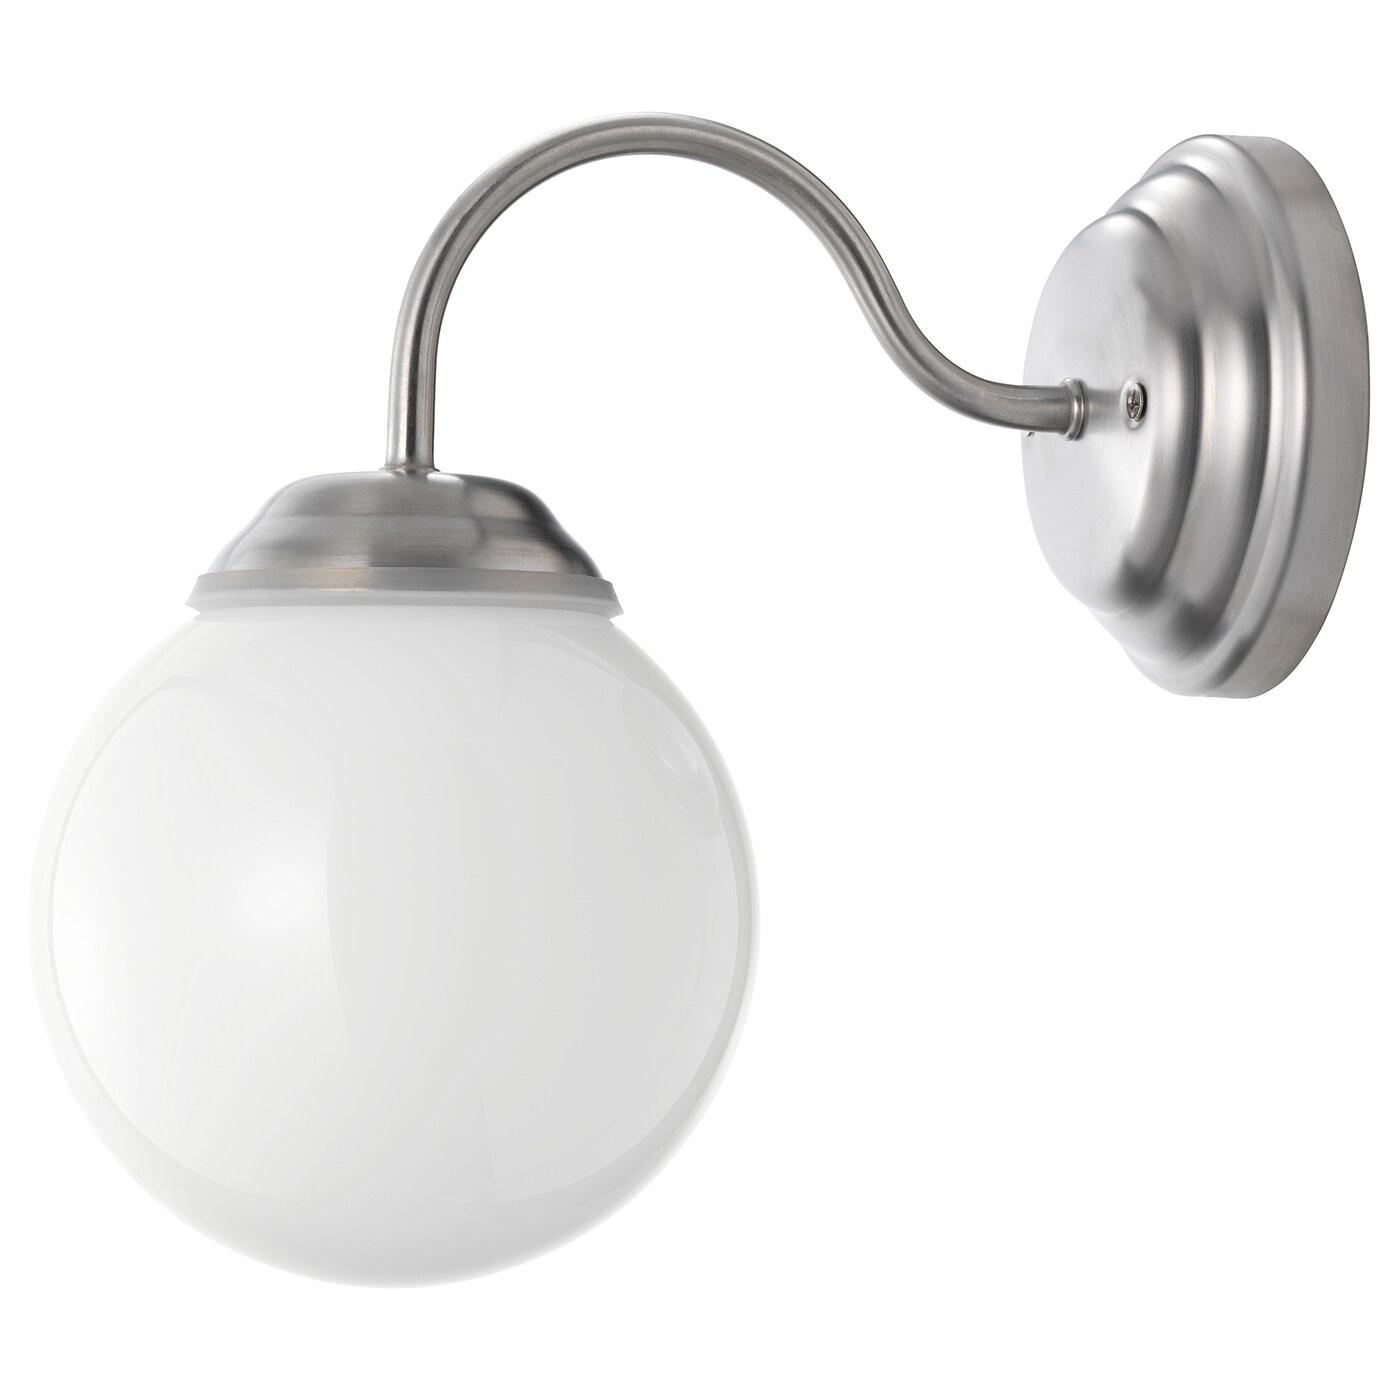 Badkamer verlichting - IKEA